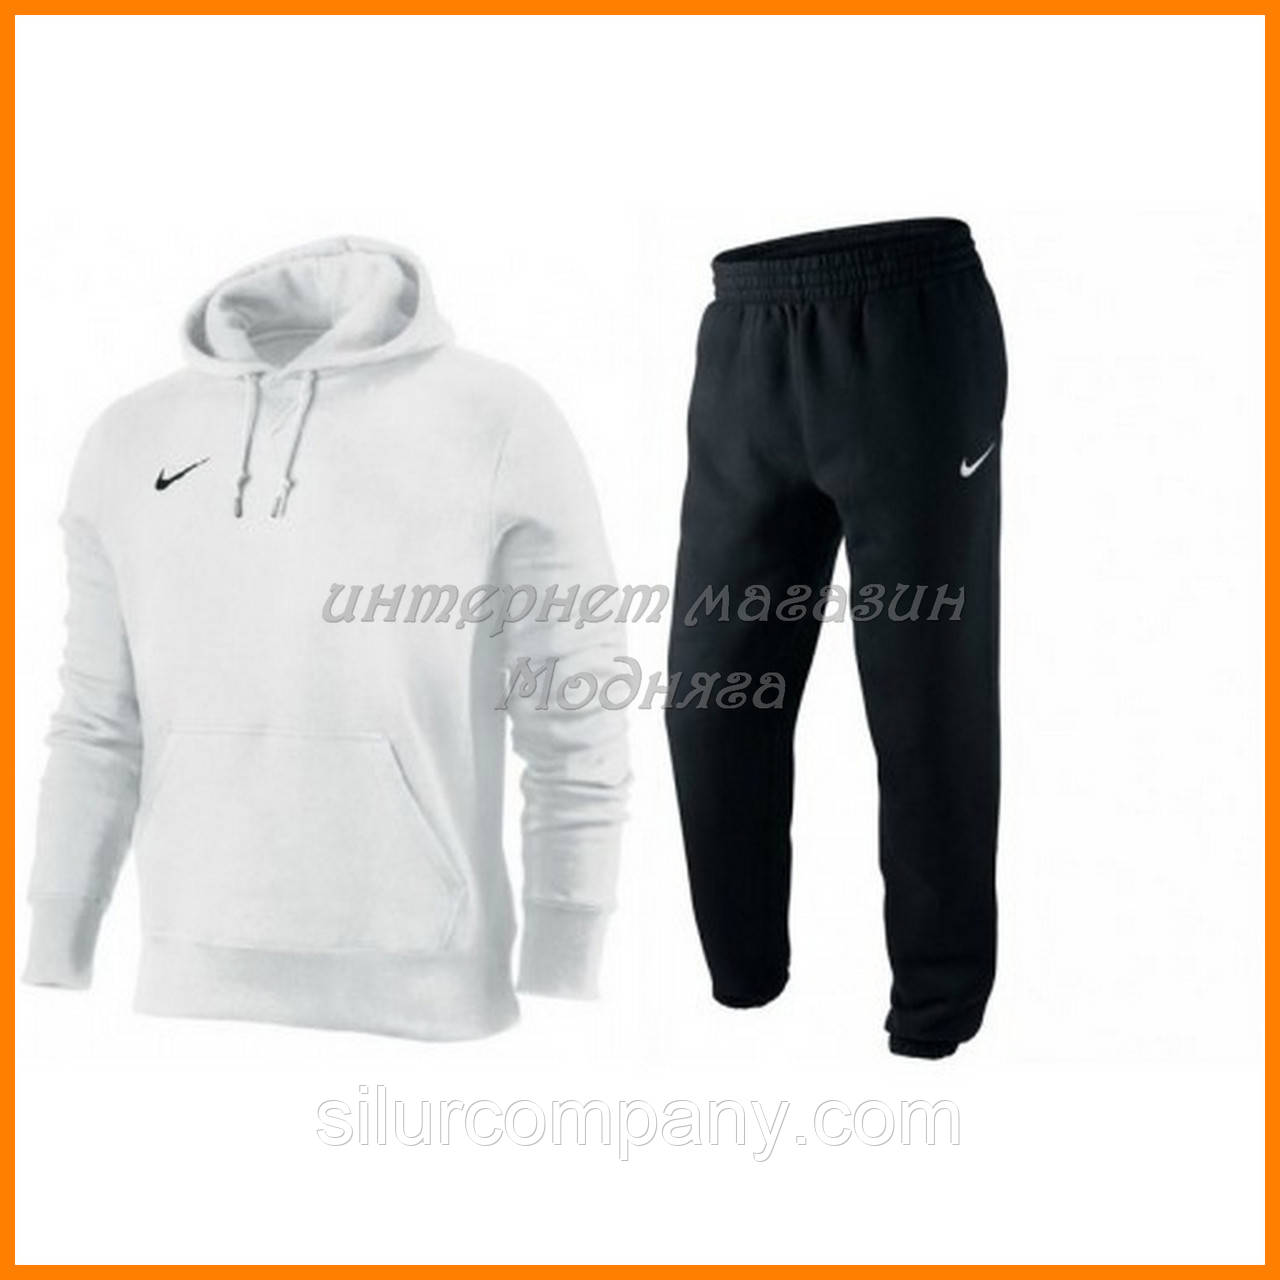 394b3199b733 Белый Спортивный костюм Nike с капюшоном - Интернет магазин